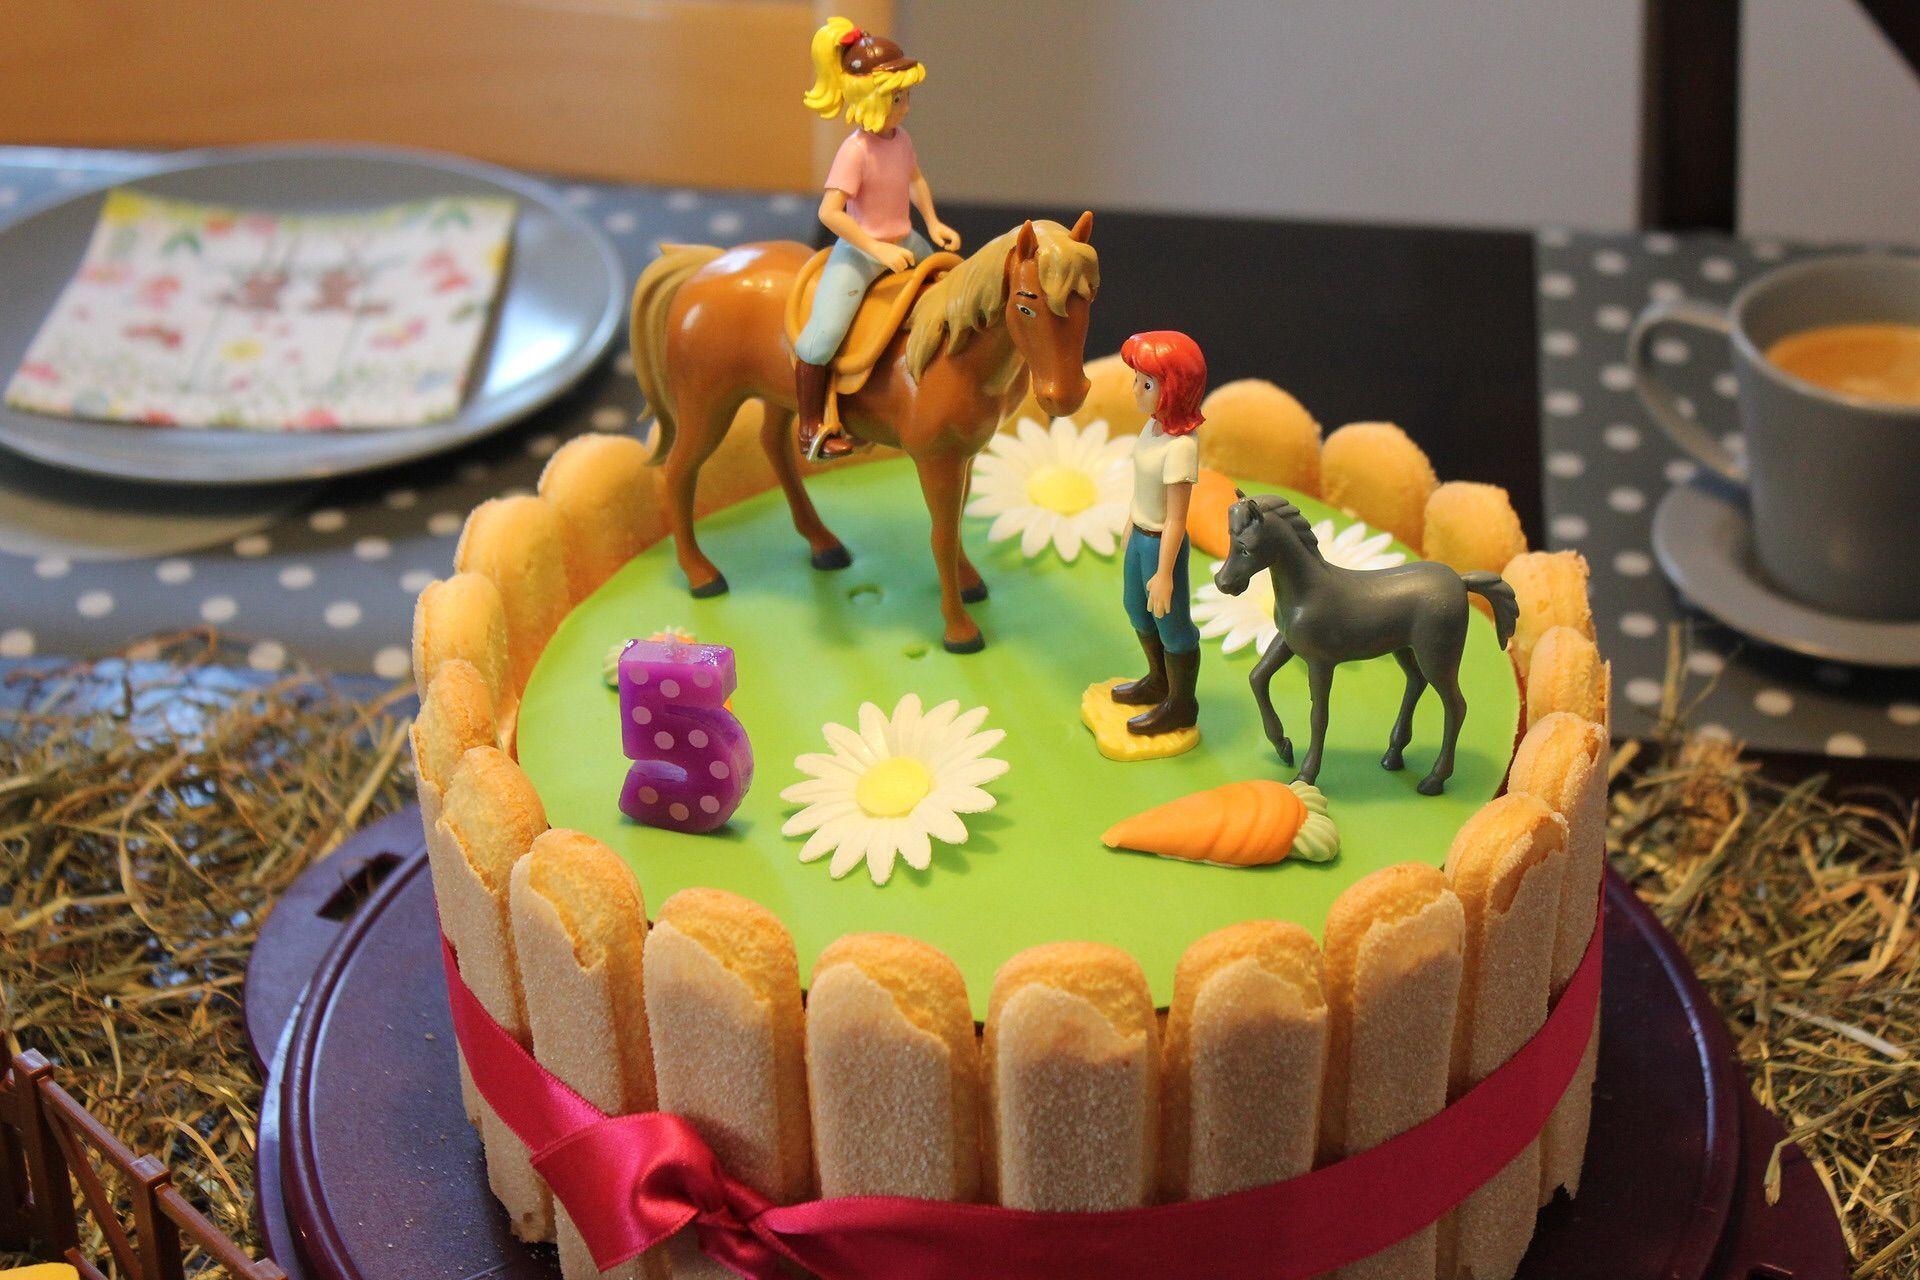 Funfter Geburtstag Bibi Und Tina Regenbogentorte Geburtstagstorte Pferdeliebe In 2020 Regenbogentorte Geburtstagskuchen Kinder Kuchen Kindergeburtstag Schnell